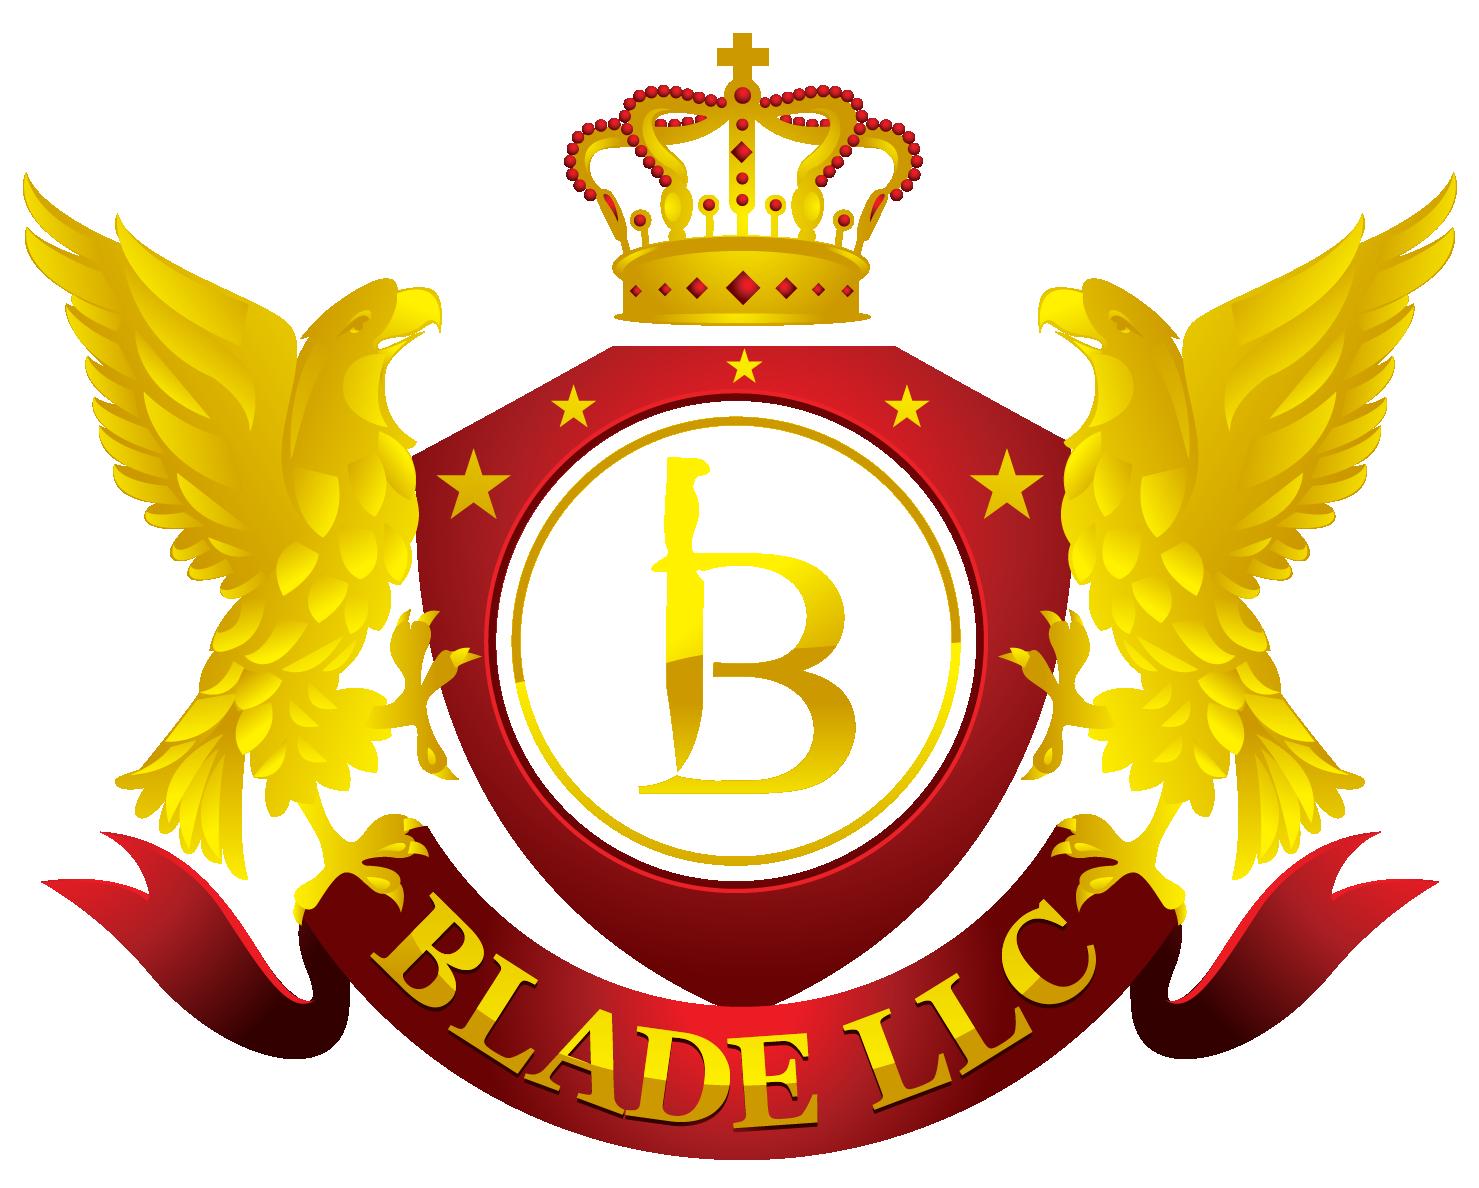 Blades LLC